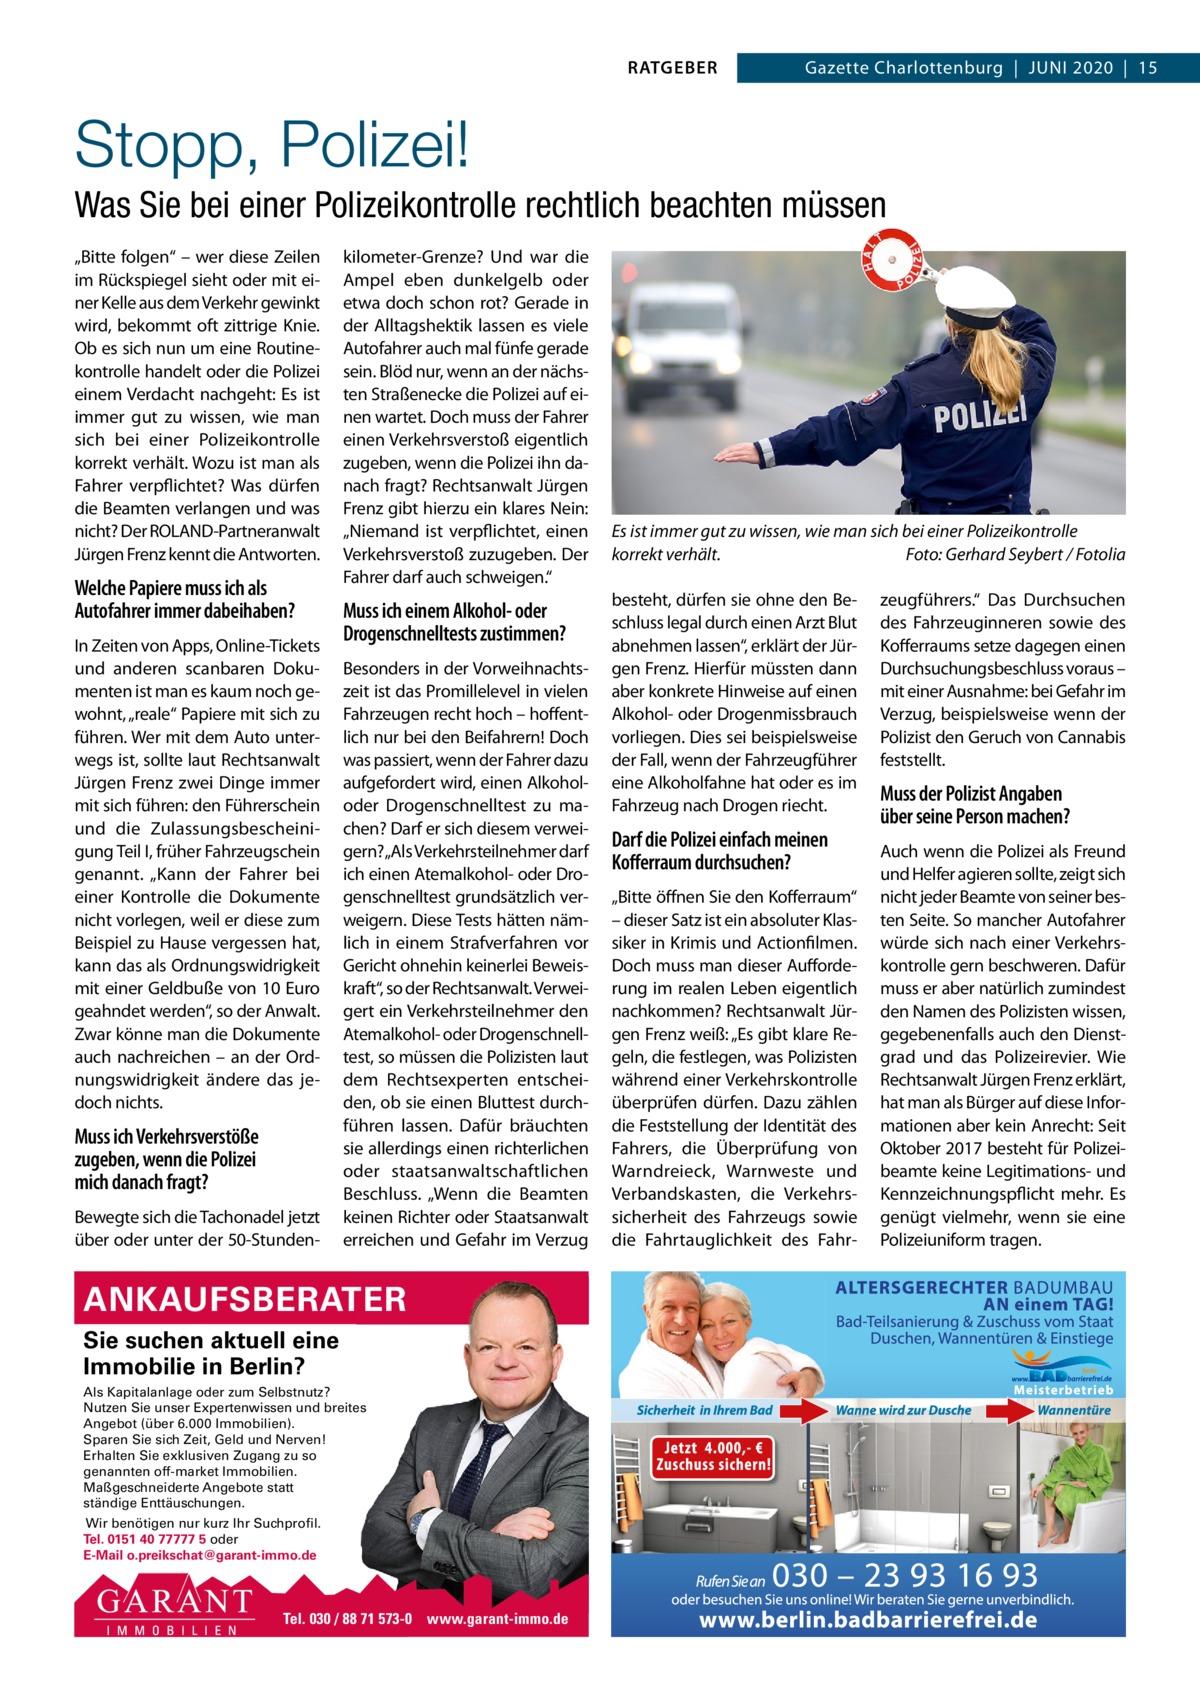 """RATGEBER  Gazette Charlottenburg Juni 2020 15  Stopp, Polizei! Was Sie bei einer Polizeikontrolle rechtlich beachten müssen """"Bitte folgen"""" – wer diese Zeilen im Rückspiegel sieht oder mit einer Kelle aus dem Verkehr gewinkt wird, bekommt oft zittrige Knie. Ob es sich nun um eine Routinekontrolle handelt oder die Polizei einem Verdacht nachgeht: Es ist immer gut zu wissen, wie man sich bei einer Polizeikontrolle korrekt verhält. Wozu ist man als Fahrer verpflichtet? Was dürfen die Beamten verlangen und was nicht? Der ROLAnD-Partneranwalt Jürgen Frenz kennt die Antworten.  Welche Papiere muss ich als Autofahrer immer dabeihaben? in Zeiten von Apps, Online-Tickets und anderen scanbaren Dokumenten ist man es kaum noch gewohnt, """"reale"""" Papiere mit sich zu führen. Wer mit dem Auto unterwegs ist, sollte laut Rechtsanwalt Jürgen Frenz zwei Dinge immer mit sich führen: den Führerschein und die Zulassungsbescheinigung Teil i, früher Fahrzeugschein genannt. """"Kann der Fahrer bei einer Kontrolle die Dokumente nicht vorlegen, weil er diese zum Beispiel zu Hause vergessen hat, kann das als Ordnungswidrigkeit mit einer Geldbuße von 10Euro geahndet werden"""", so der Anwalt. Zwar könne man die Dokumente auch nachreichen – an der Ordnungswidrigkeit ändere das jedoch nichts.  Muss ich Verkehrsverstöße zugeben, wenn die Polizei mich danach fragt? Bewegte sich die Tachonadel jetzt über oder unter der 50-Stunden kilometer-Grenze? und war die Ampel eben dunkelgelb oder etwa doch schon rot? Gerade in der Alltagshektik lassen es viele Autofahrer auch mal fünfe gerade sein. Blöd nur, wenn an der nächsten Straßenecke die Polizei auf einen wartet. Doch muss der Fahrer einen Verkehrsverstoß eigentlich zugeben, wenn die Polizei ihn danach fragt? Rechtsanwalt Jürgen Frenz gibt hierzu ein klares nein: """"niemand ist verpflichtet, einen Verkehrsverstoß zuzugeben. Der Fahrer darf auch schweigen.""""  Muss ich einem Alkohol- oder Drogenschnelltests zustimmen? Besonders in der Vorweihnachtszeit ist das Promil"""